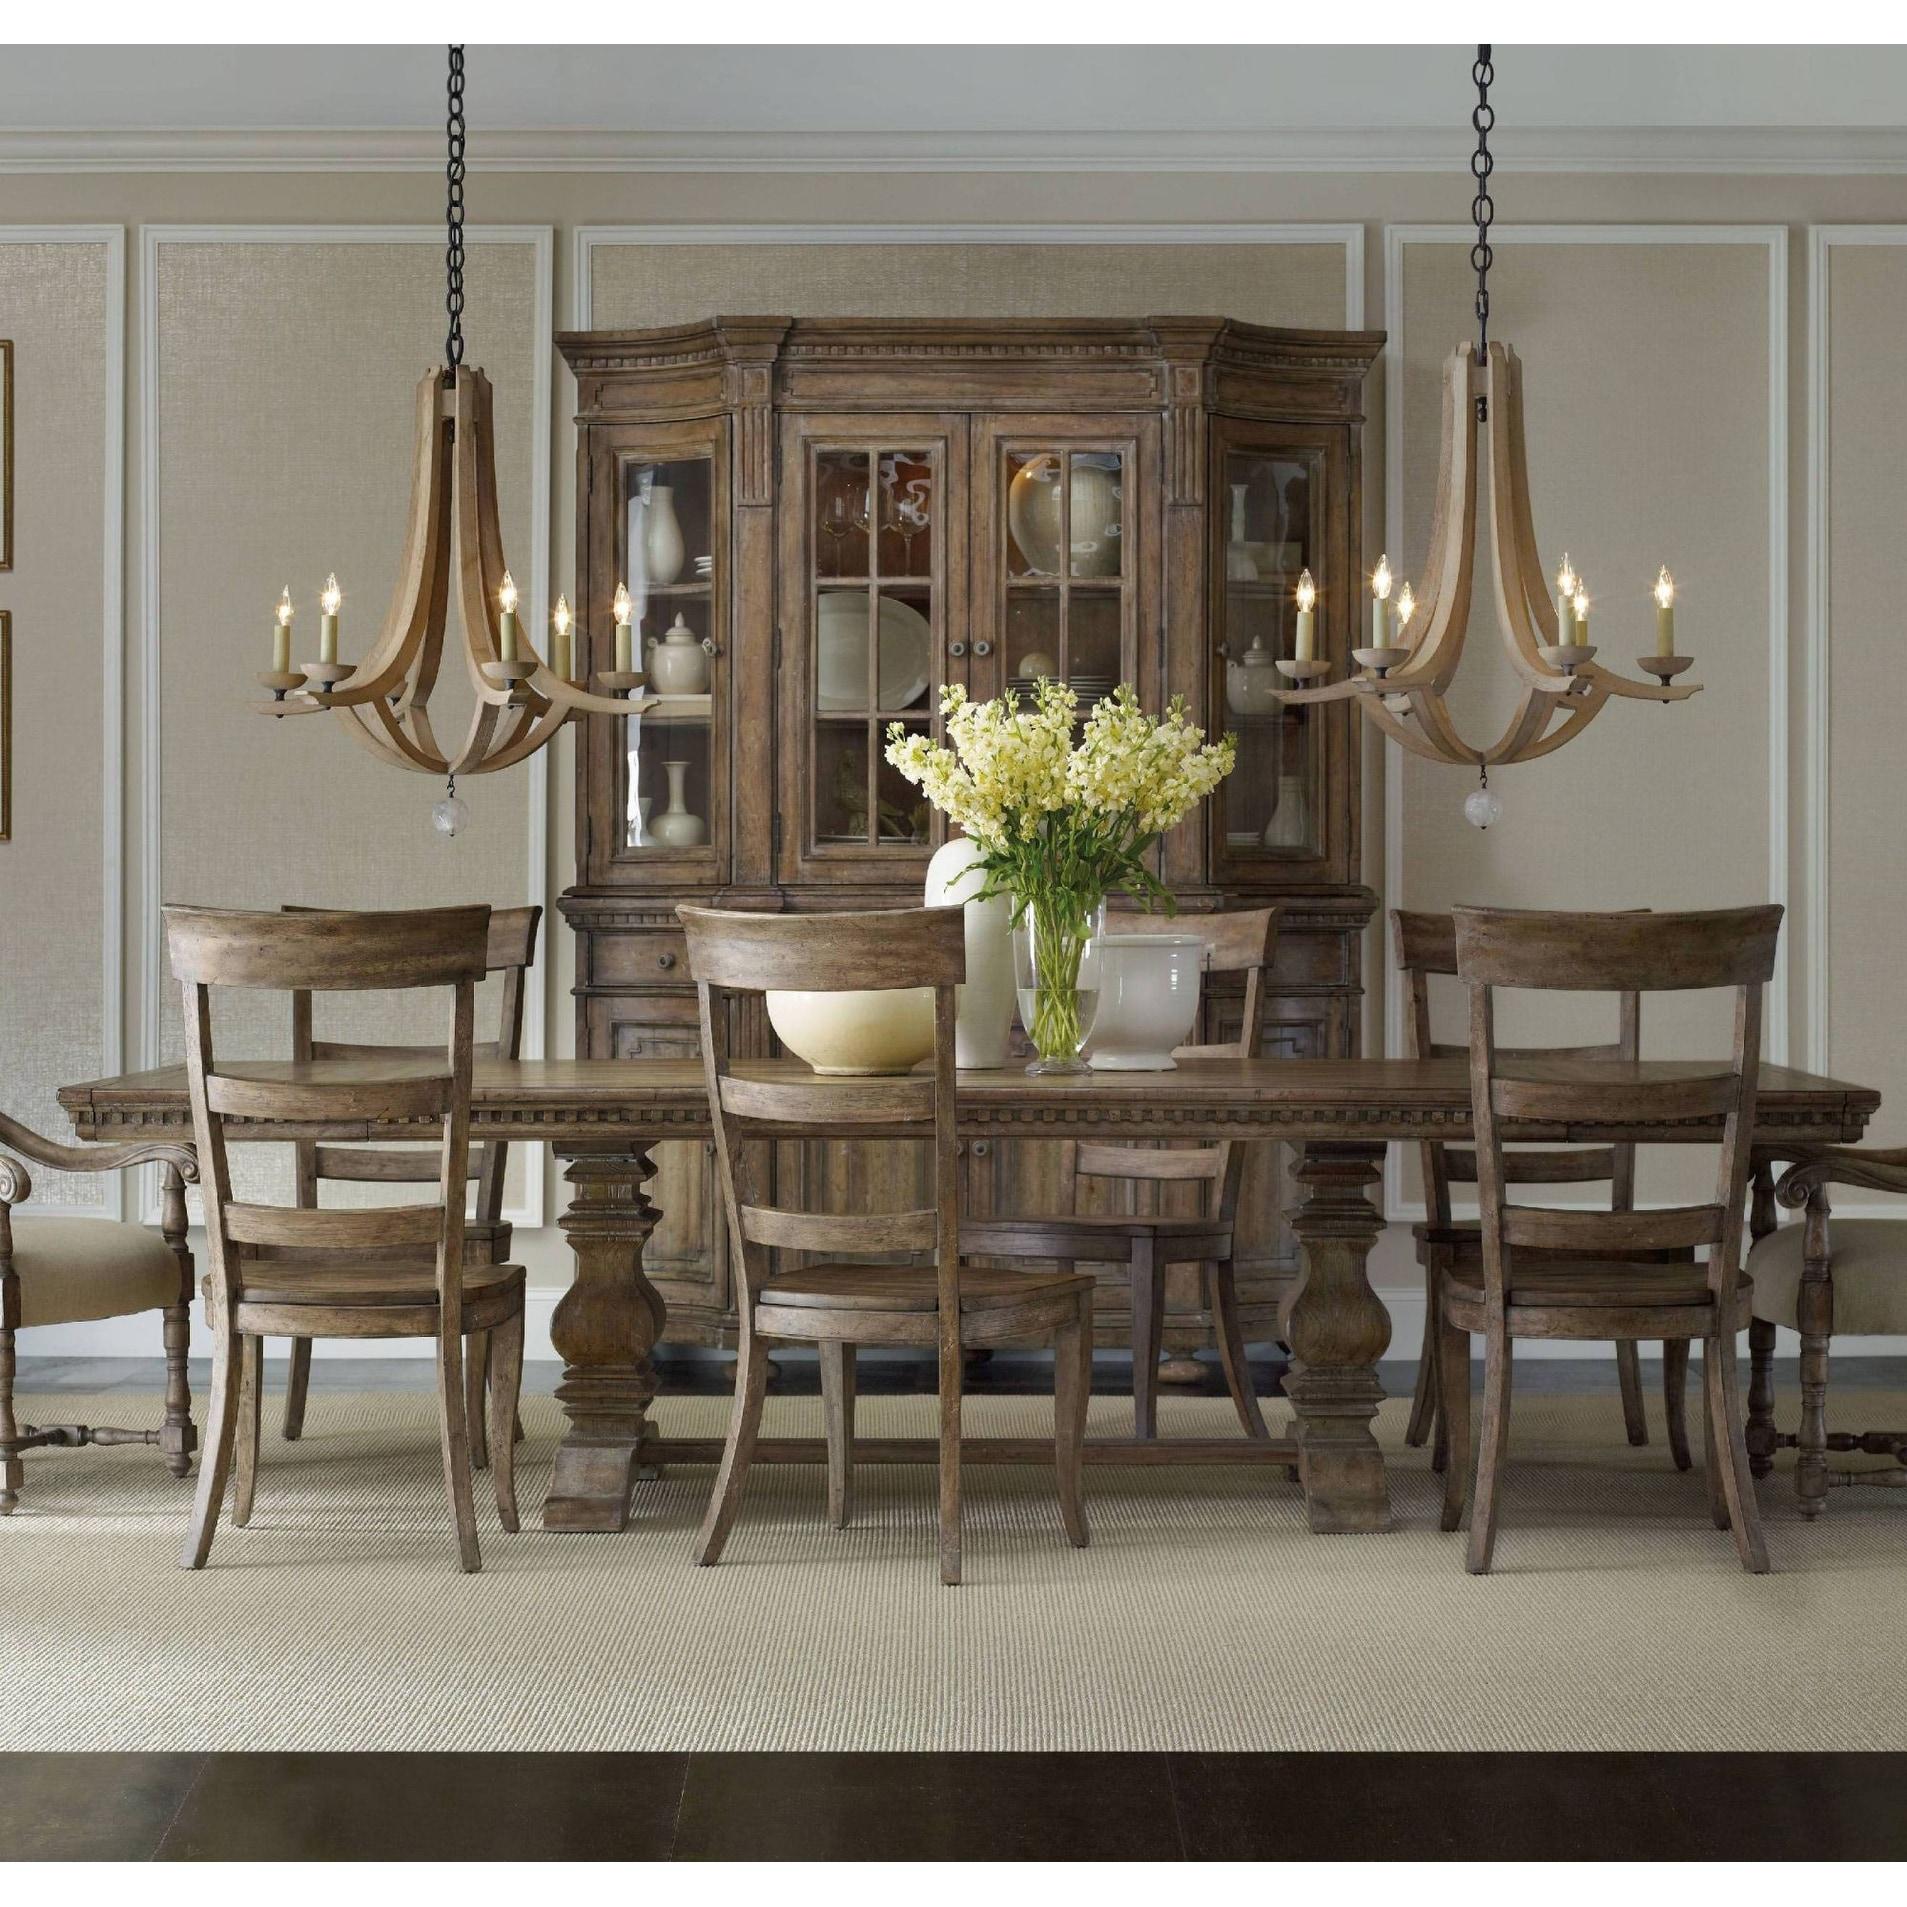 Furniture 5107 75206 83 1 2